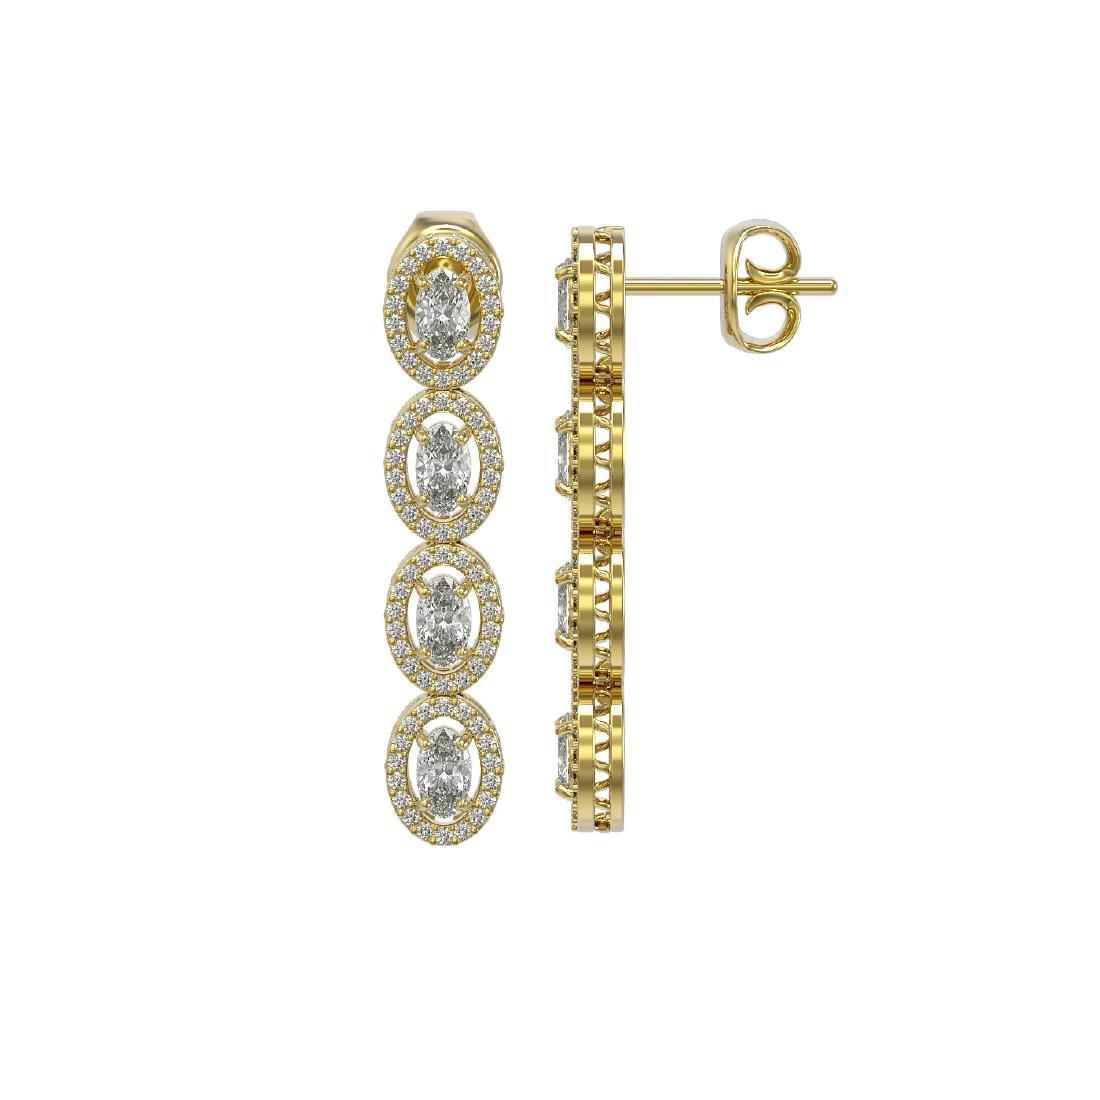 4.52 ctw Oval Diamond Earrings 18K Yellow Gold - - 2